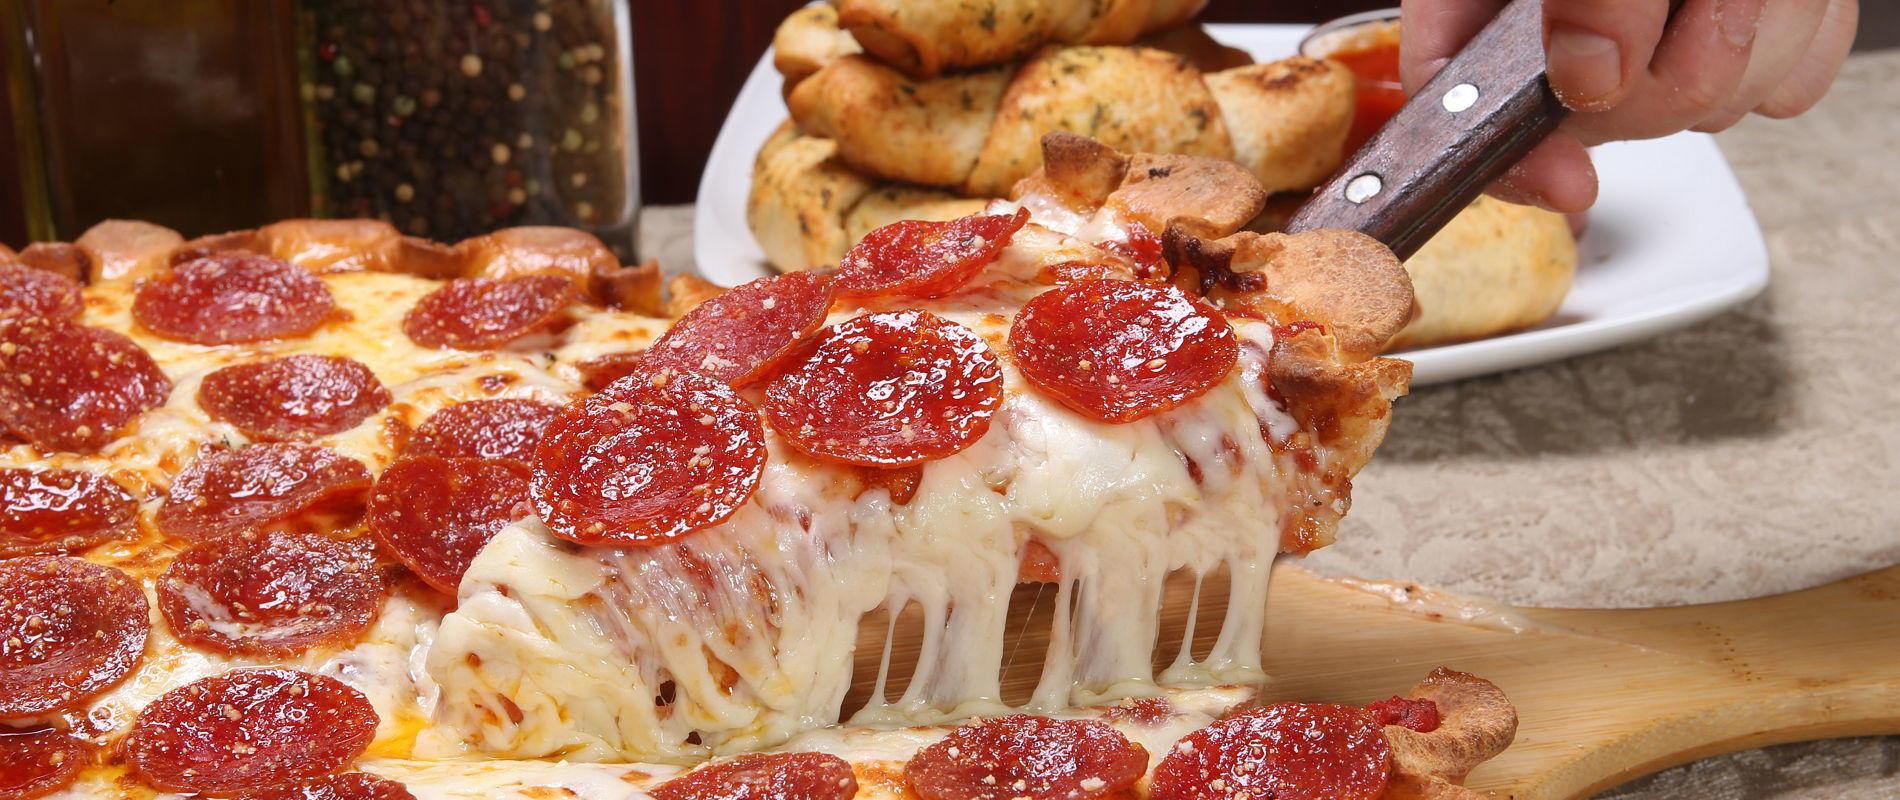 Zeppe's Pizzeria image 11